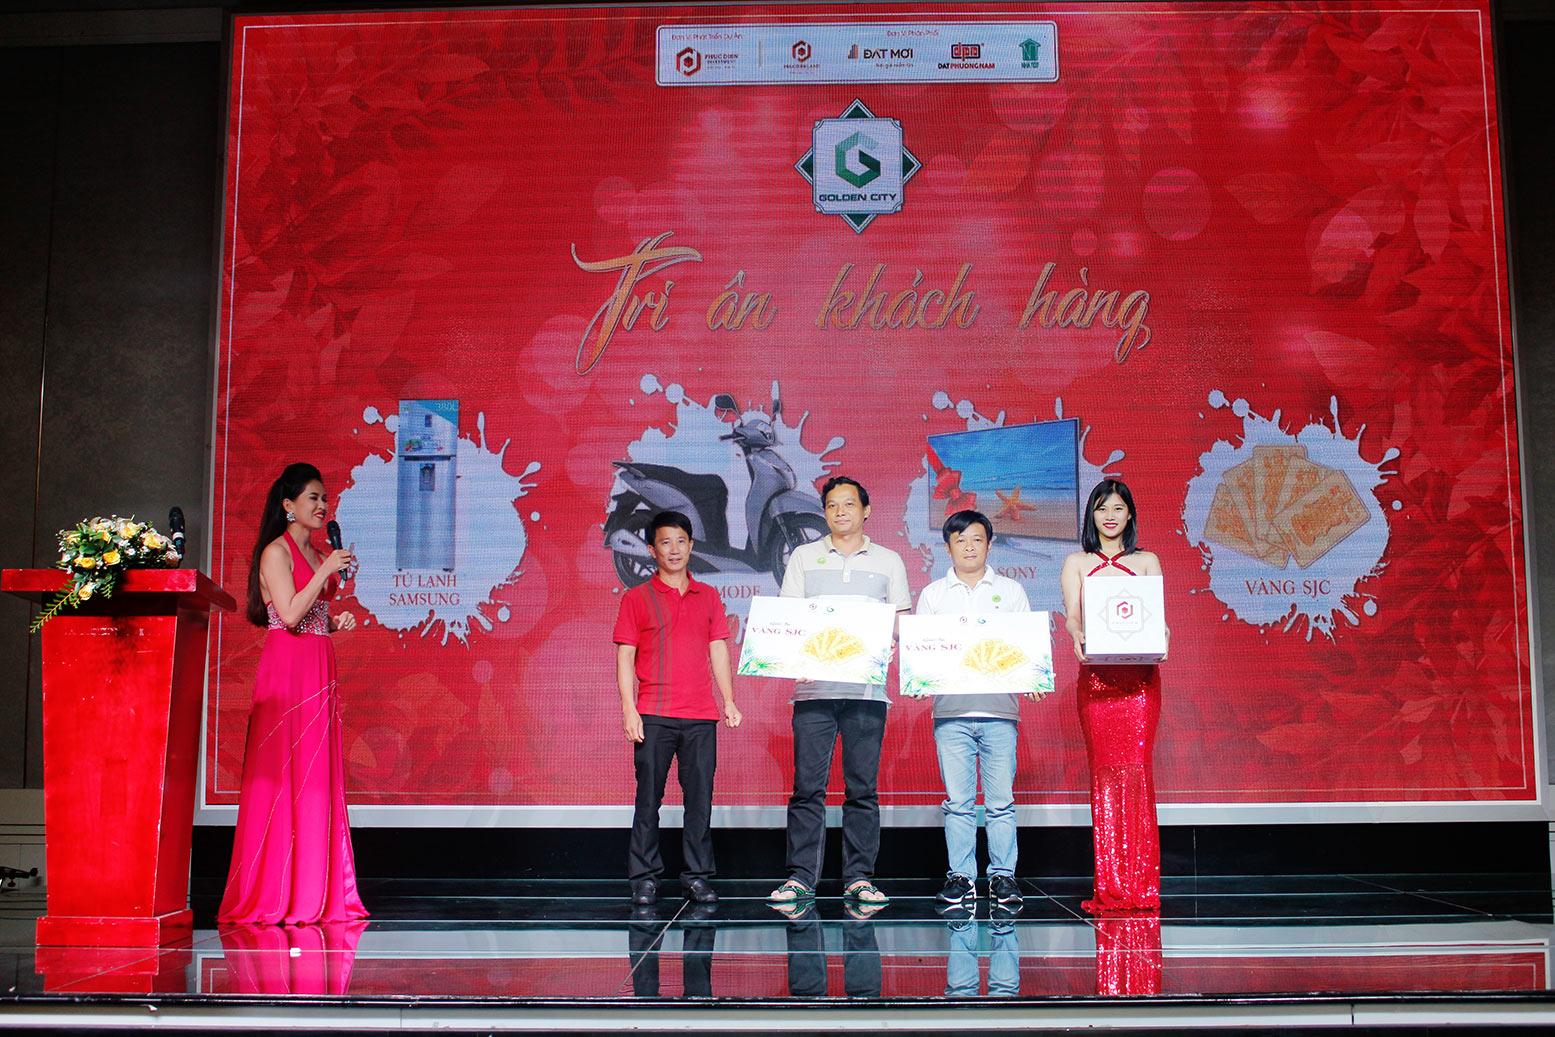 Hơn 90% giao dịch thành công tại buổi lễ công bố giai đoạn 1 KDC Golden City 1